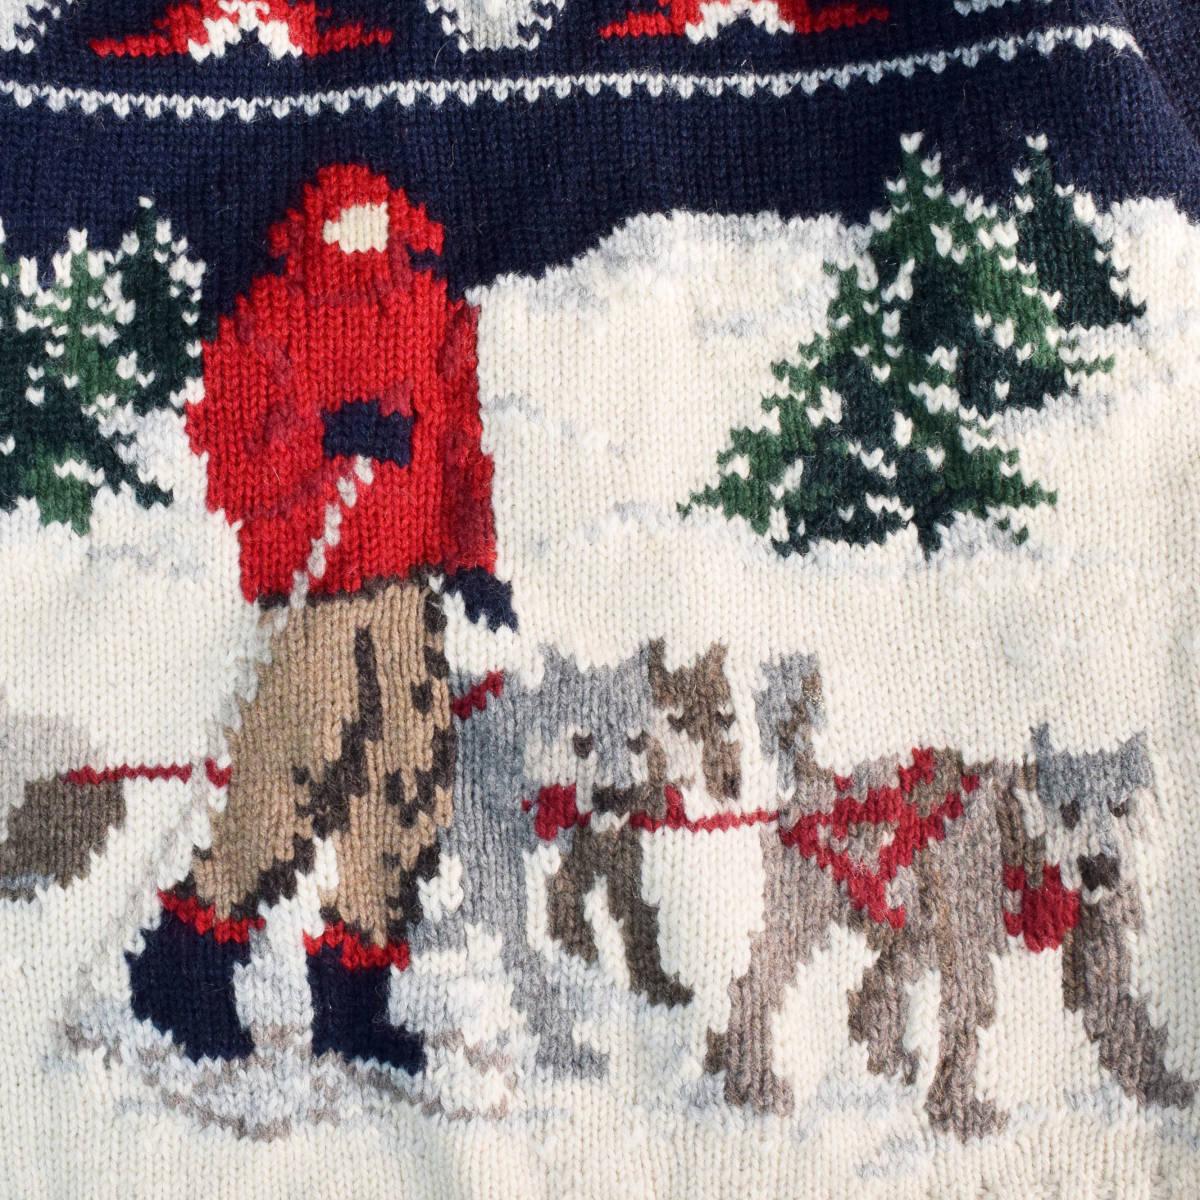 美品◆ラルフローレン ネイティブ ハンドニット 厚手 タートルネック セーター メンズS M 犬 インディアン 雪 古着 ビンテージ 80s 90s_画像4